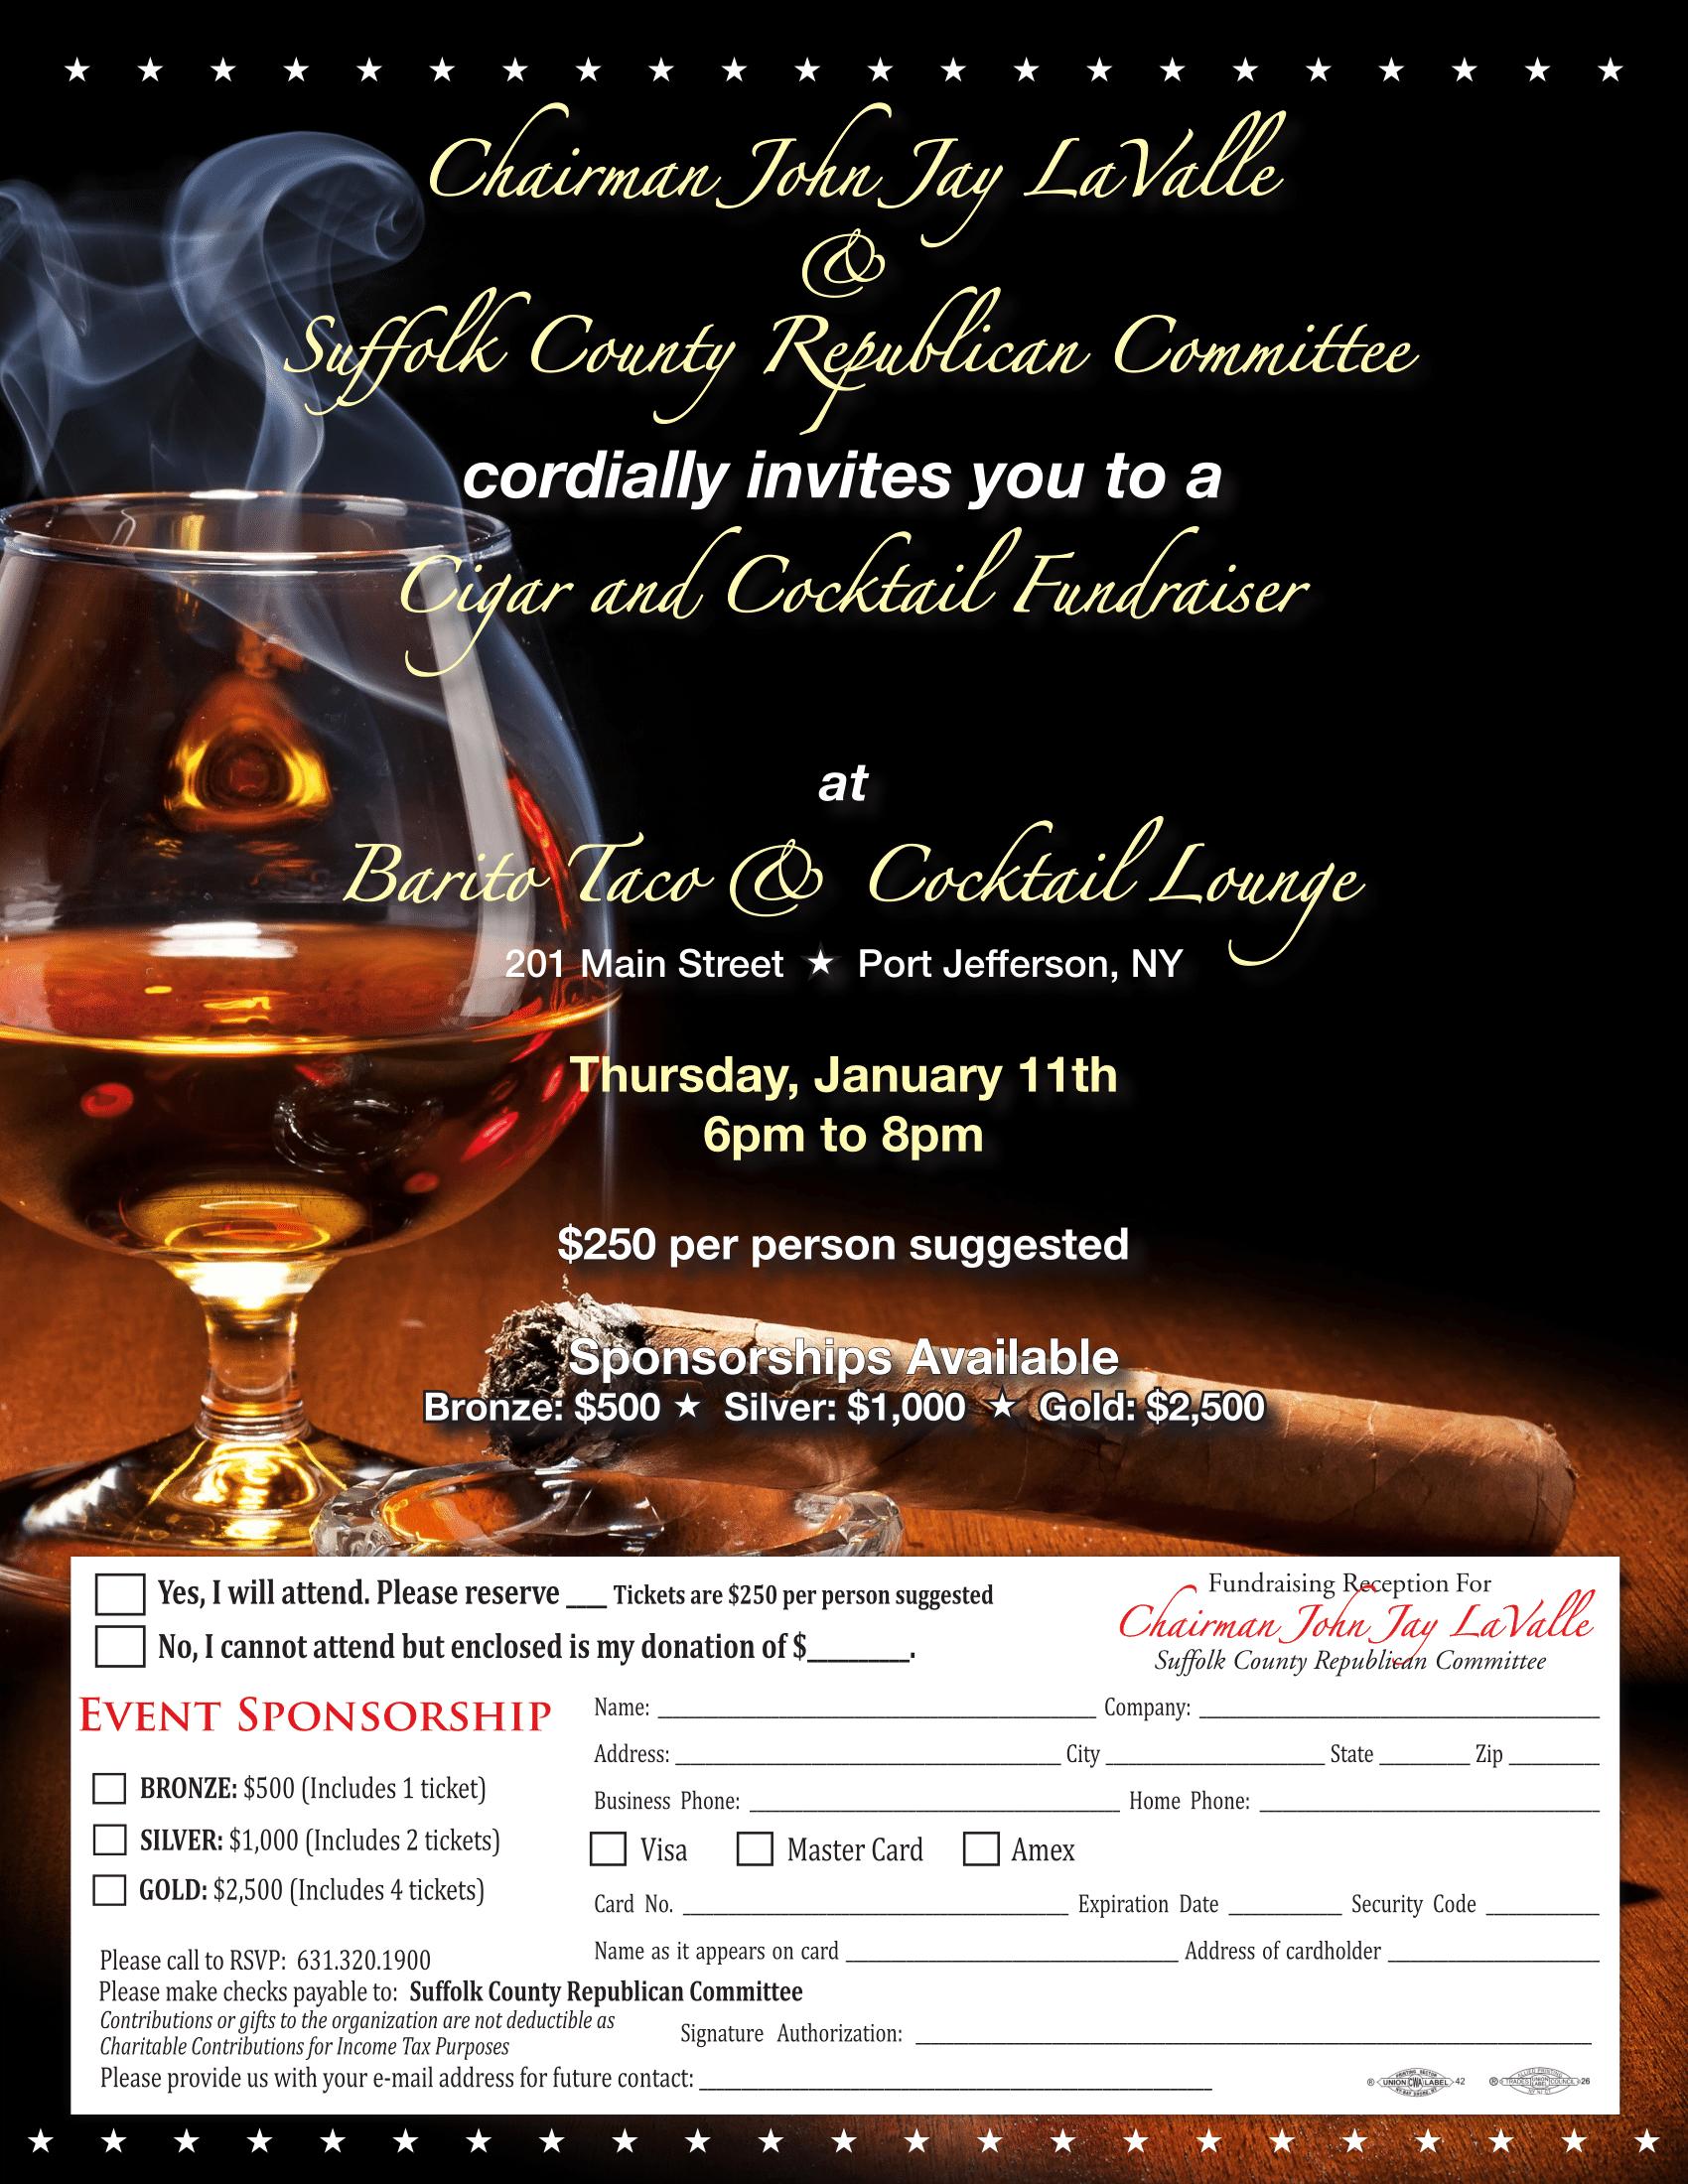 Cigar and Cocktail Fundraiser at Barito